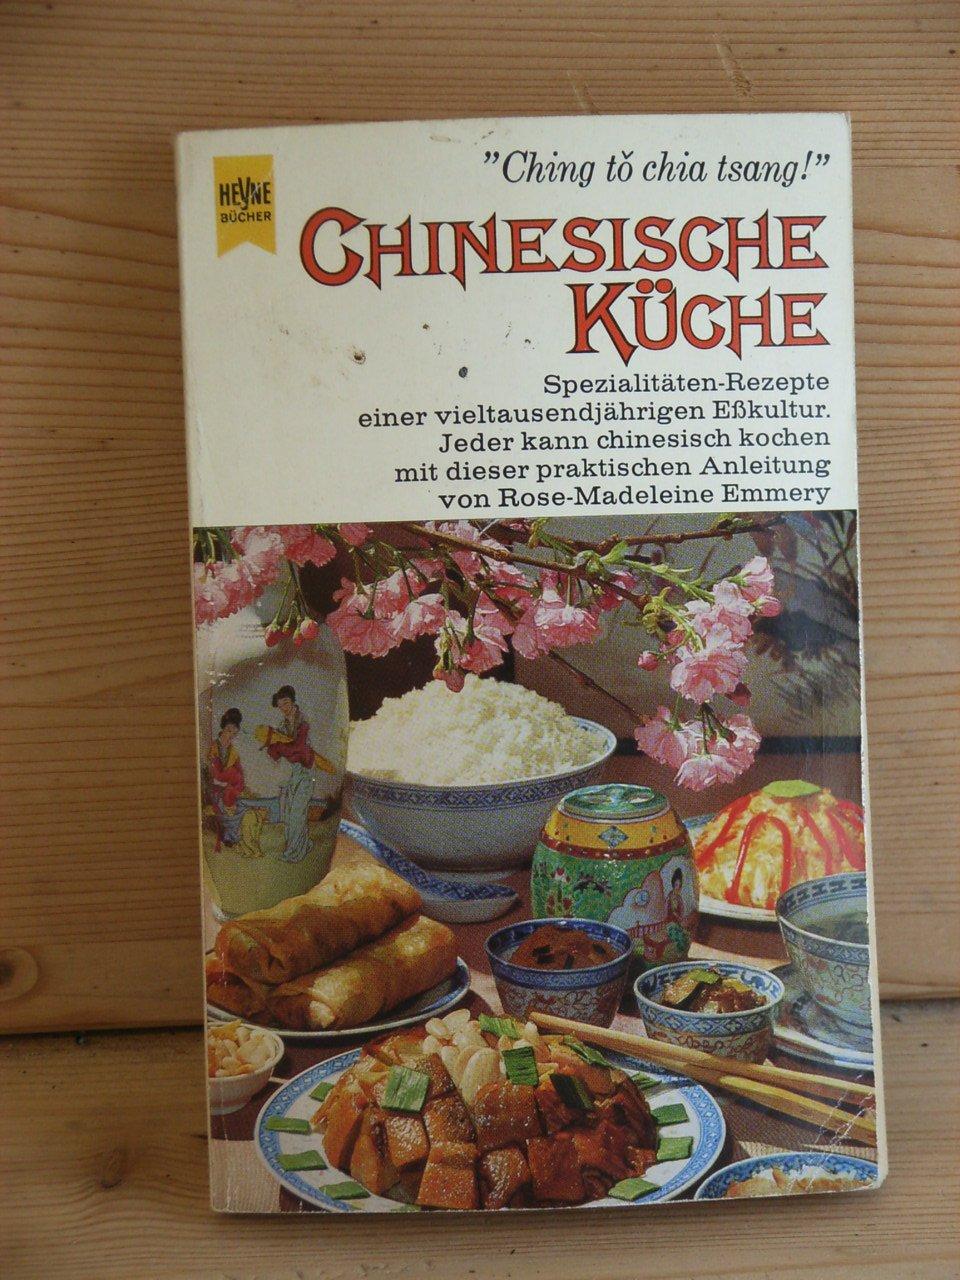 Niedlich China Küche Menü Galerie - Küche Set Ideen - deriherusweets ...